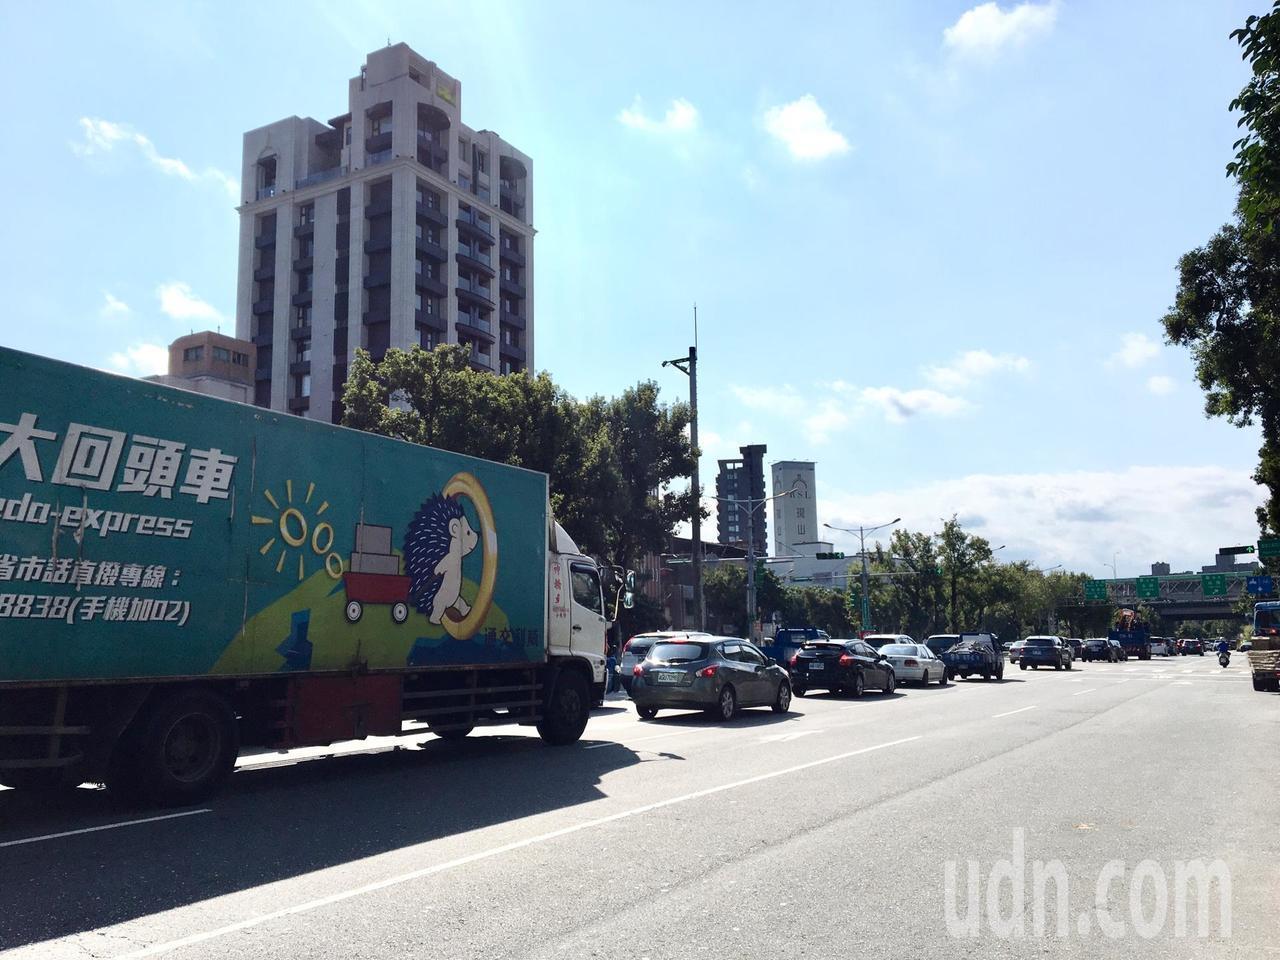 重慶北路4段往高速公路方向有6車道,但要進入北上匝道卻只有1車道,車輛為匯入北上...